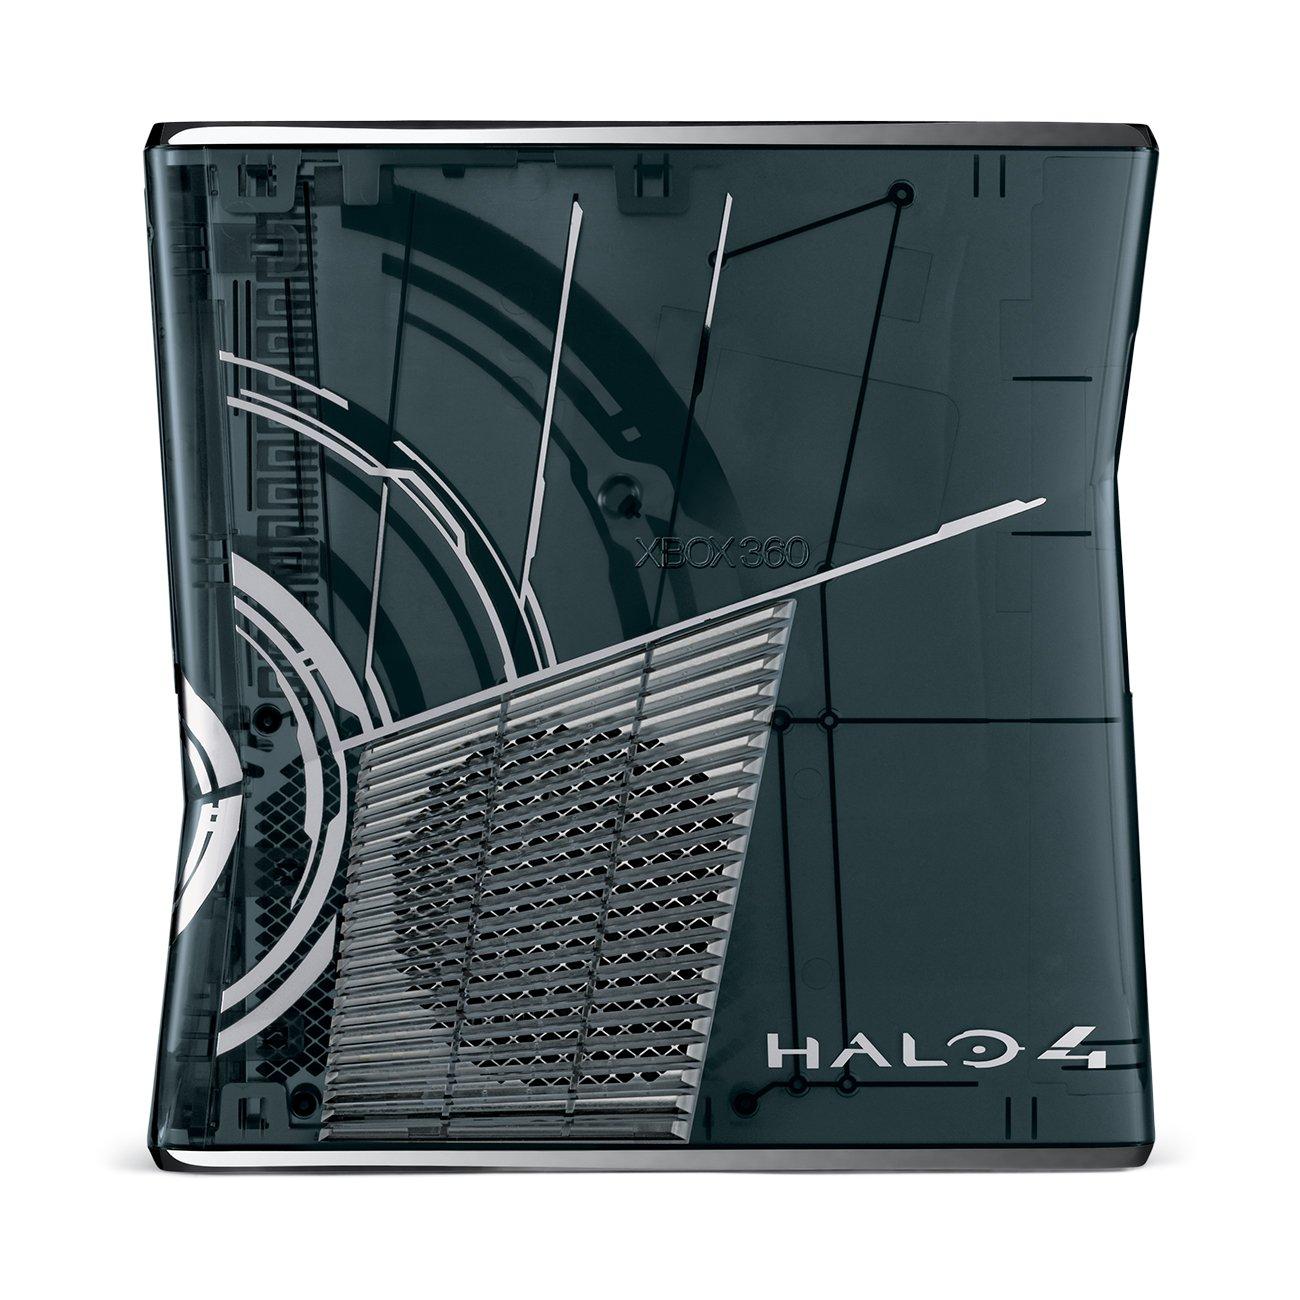 Microsoft S4K-00058 juego para PC - juegos de PC (Xbox 360, 512 MB, IBM PowerPC, 320 GB, 10, 100 Mbit/s, 802.11b, 802.11g, 802.11n) Azul, Gris: Amazon.es: ...